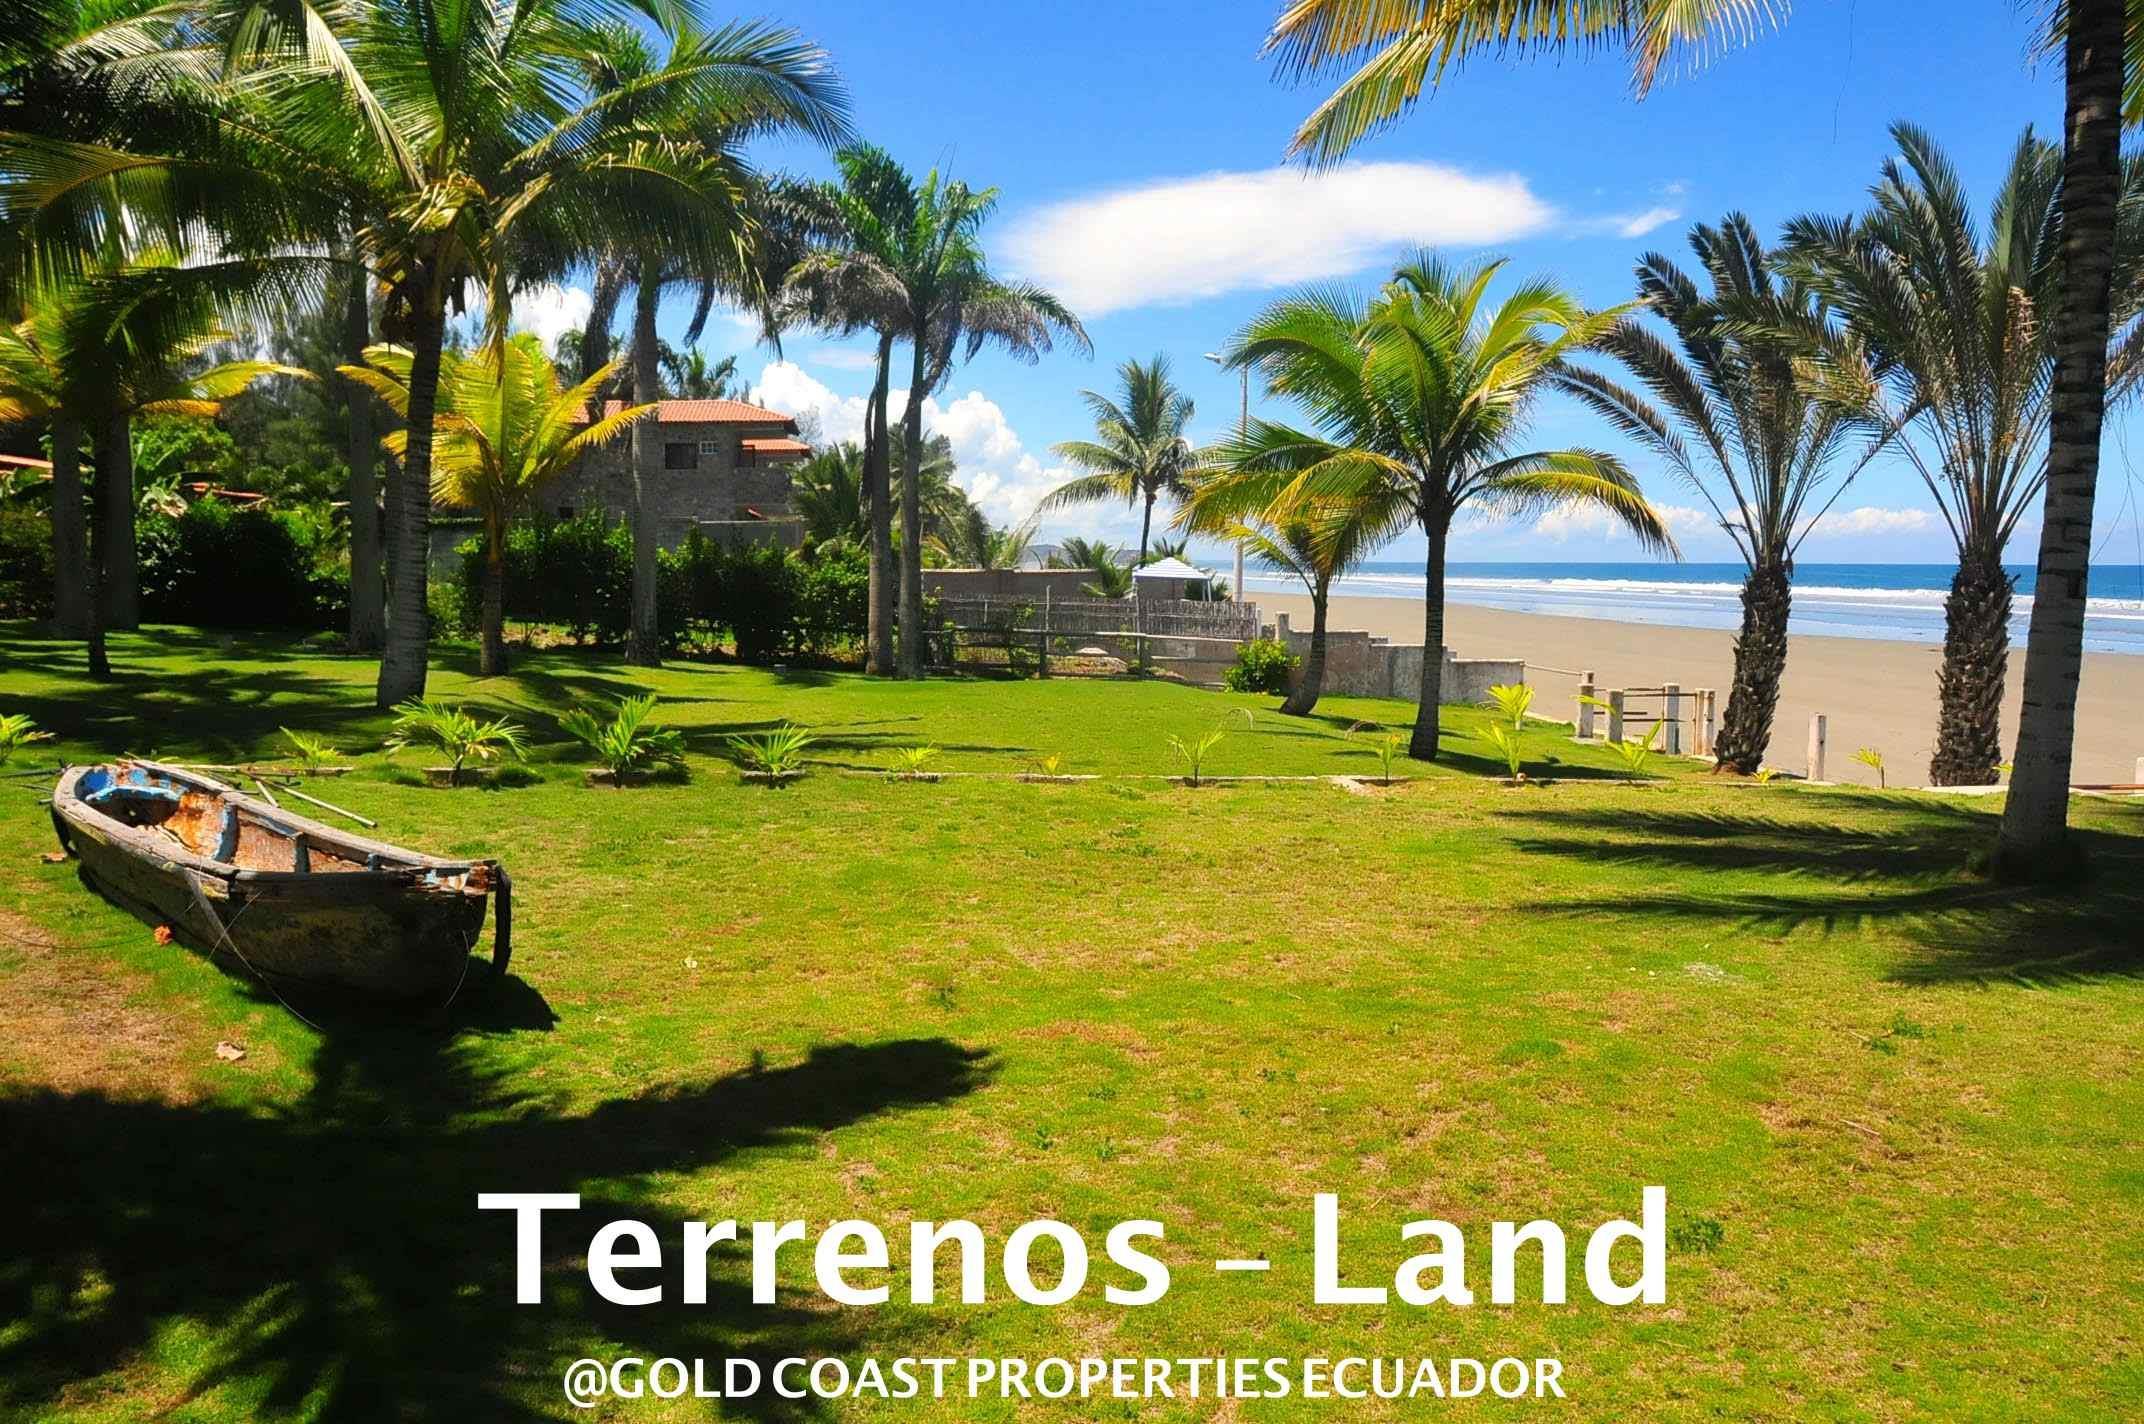 TERRENOS-TIERRA